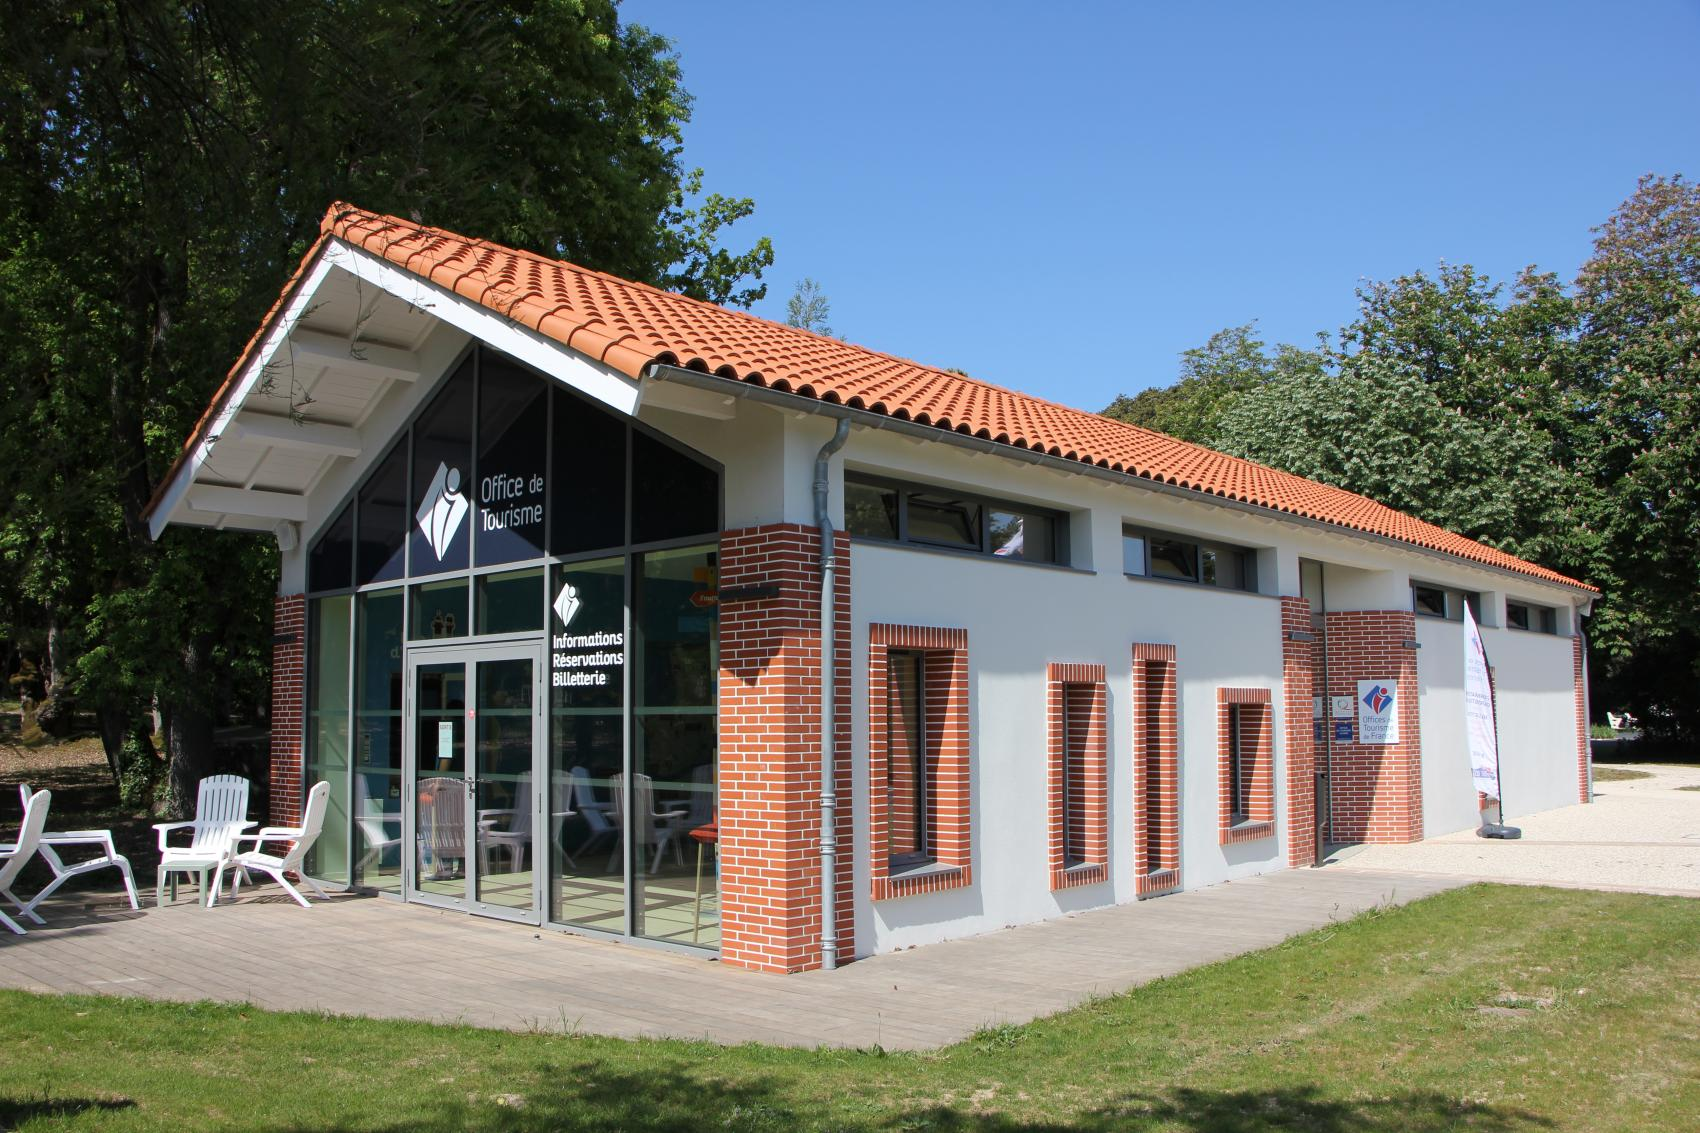 L 39 office de tourisme de fouras les bains station baln aire en charente maritime proche de rochefort - Office de tourisme rochefort ocean ...